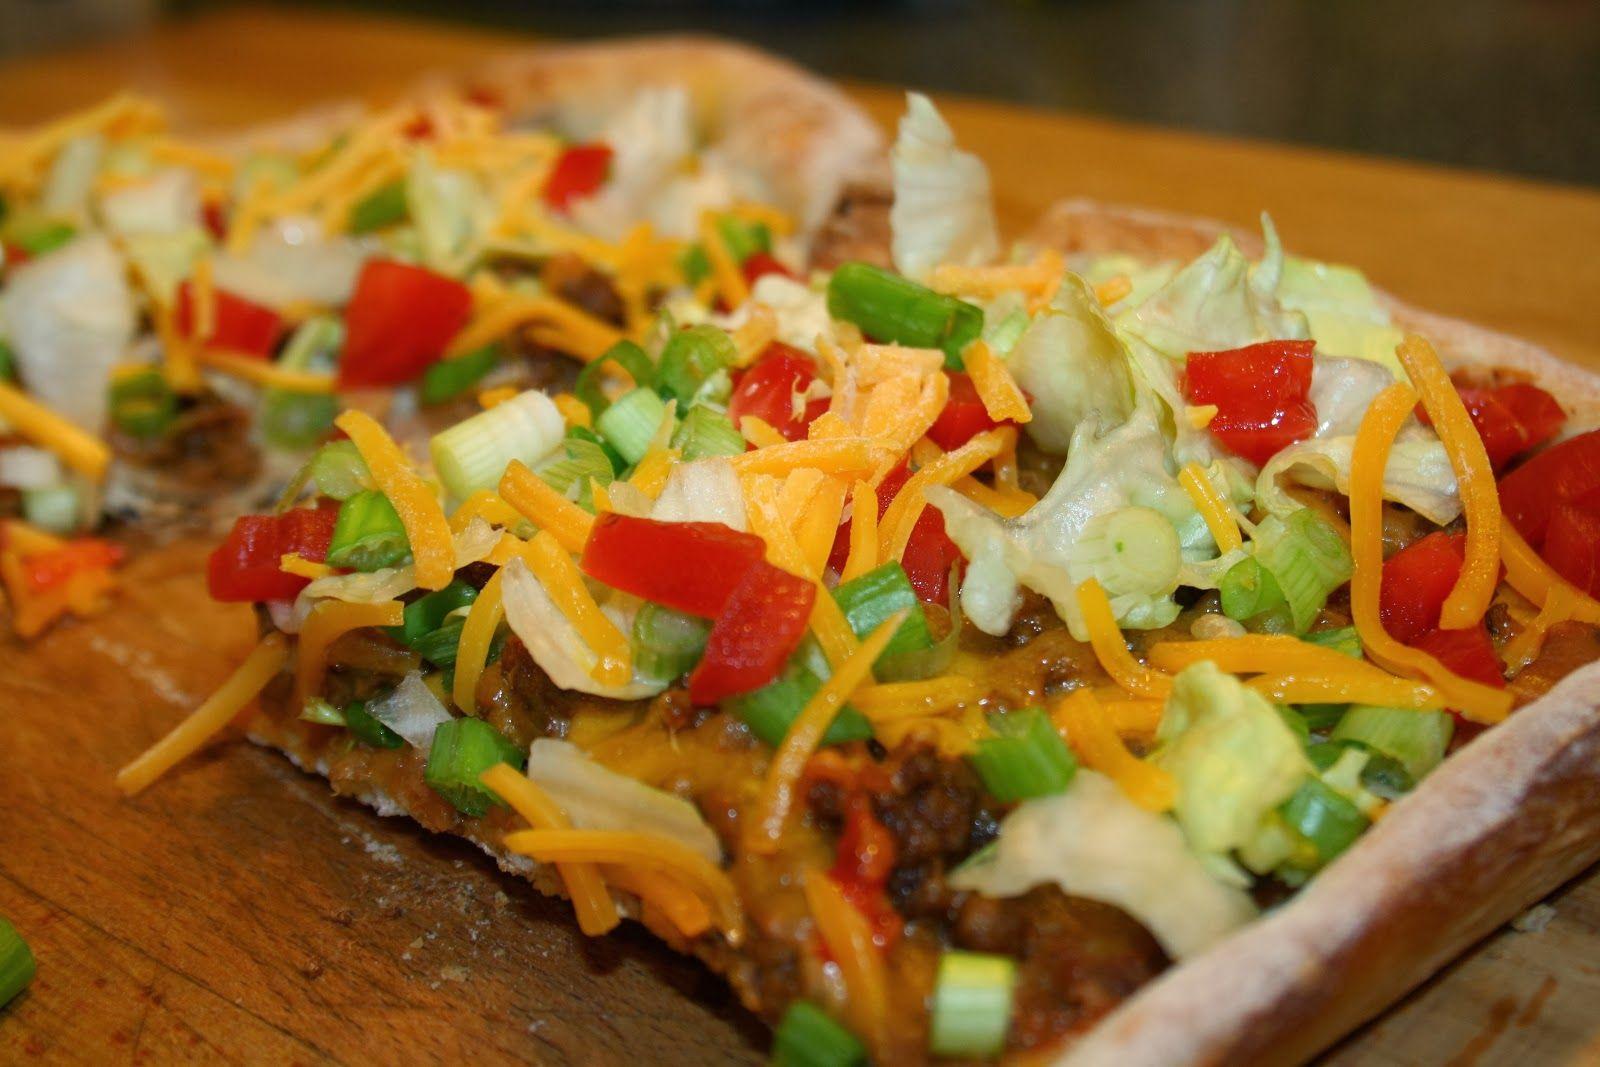 SourdoughNative: Taco Pizza Ole'